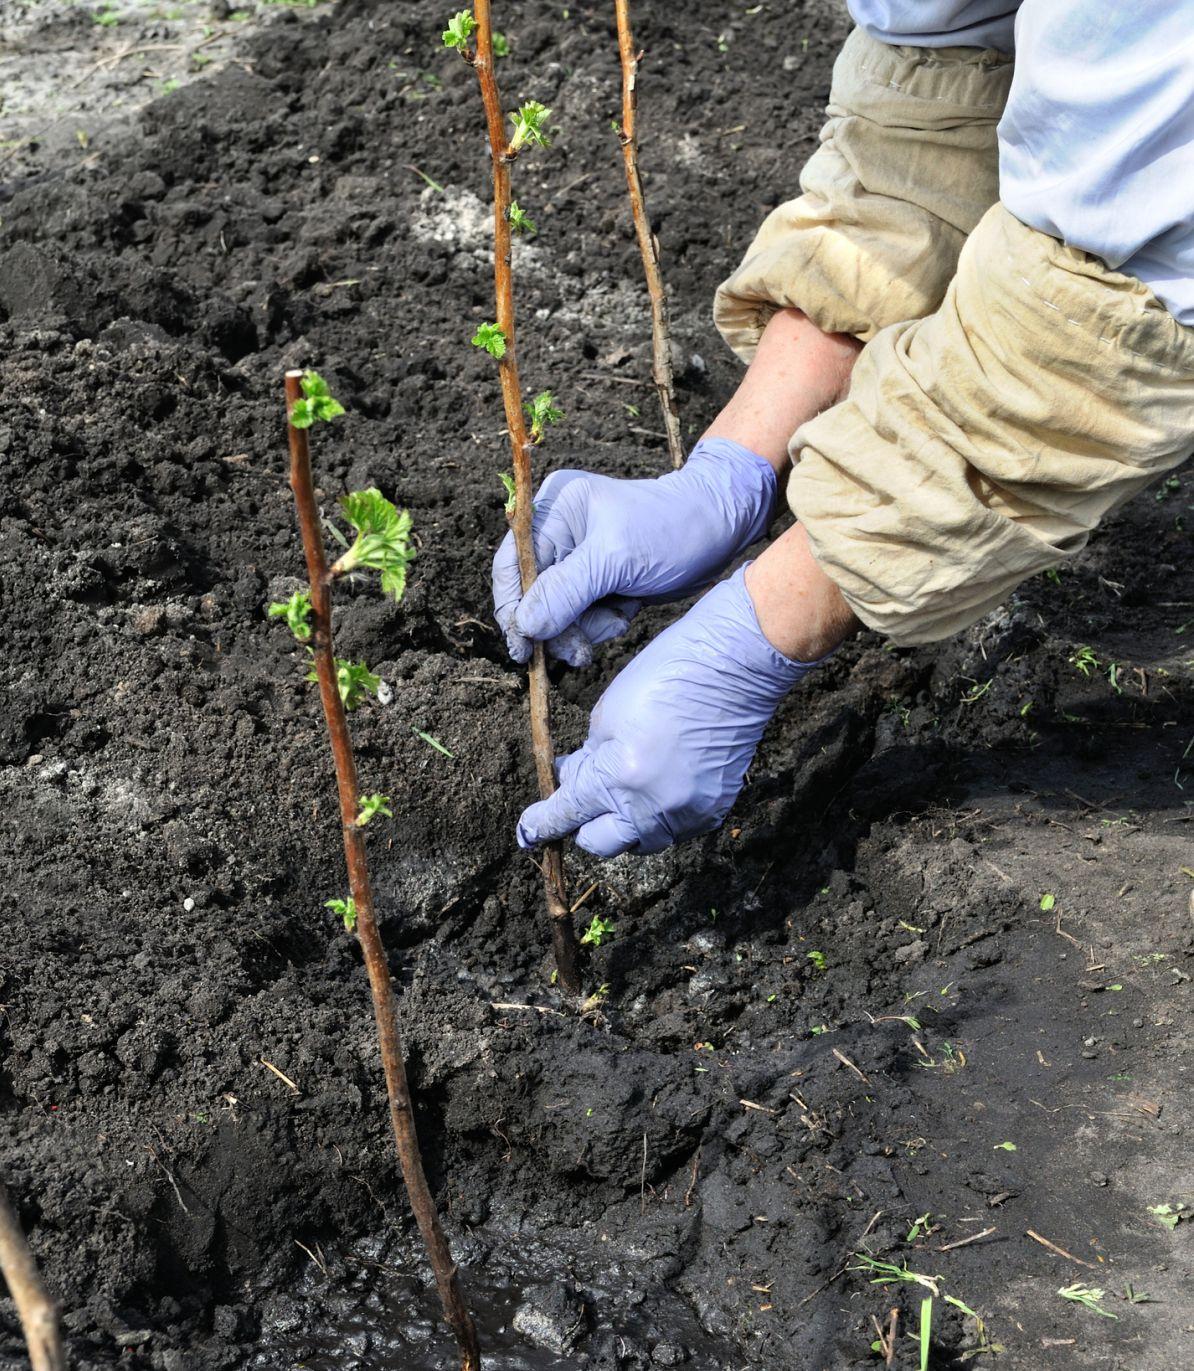 Jak Sadzić Maliny Uprawa Malin W Ogrodzie Przydomowym Krok